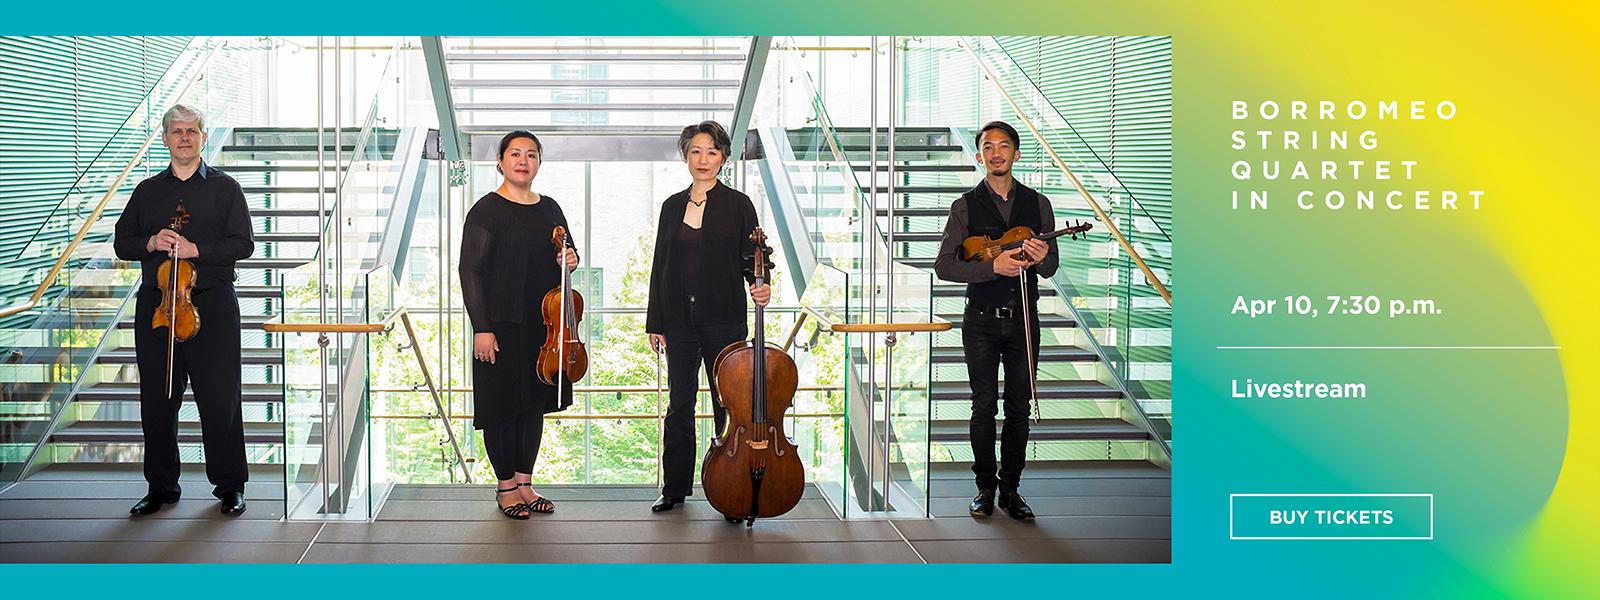 Borromeo String Quartet in Concert - Livestream